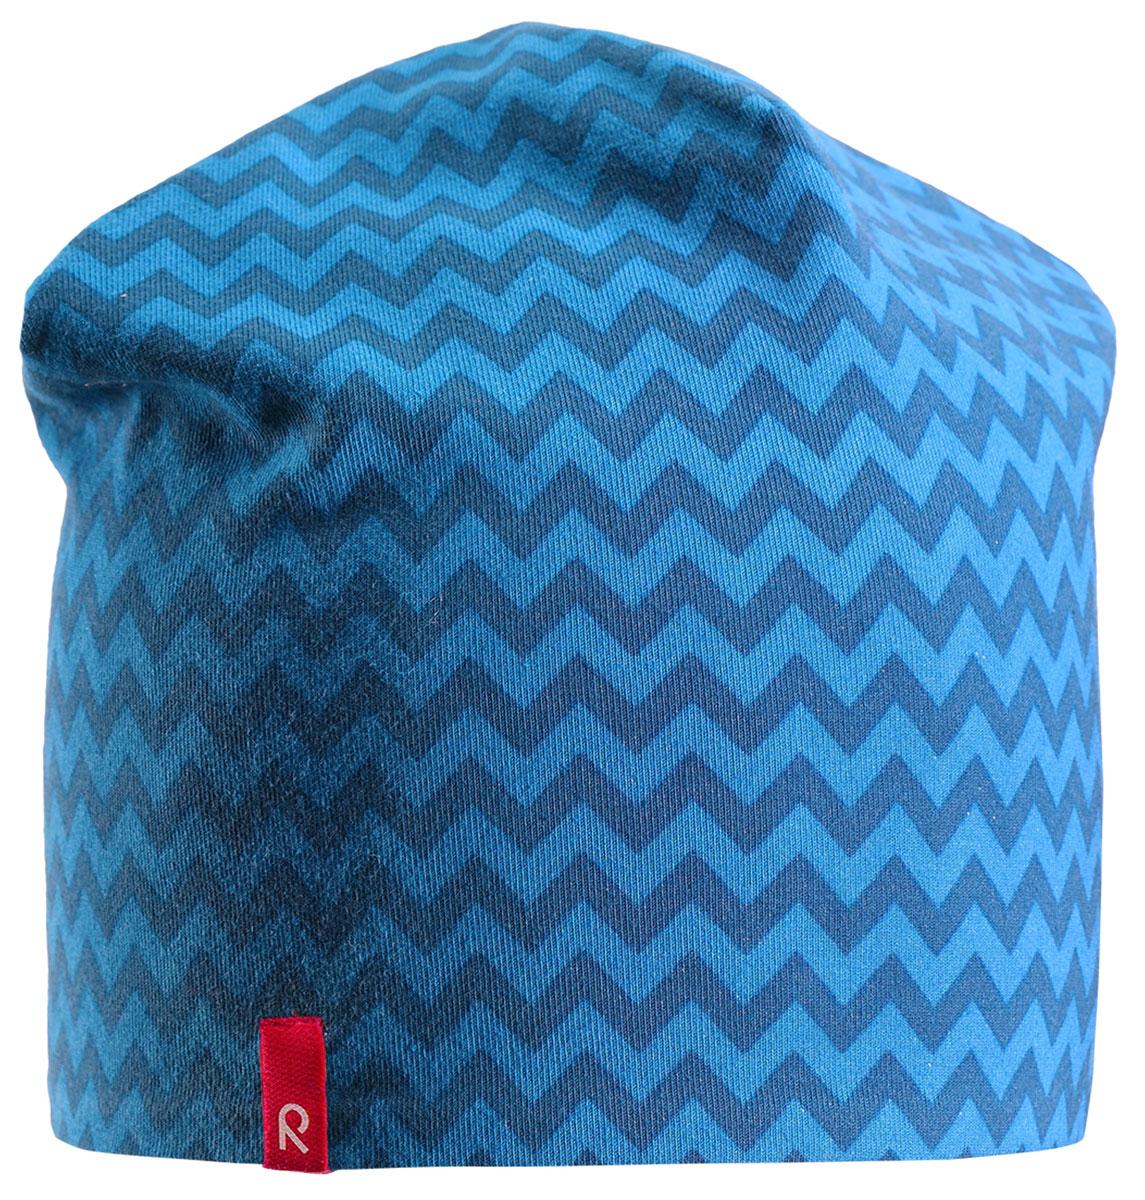 Шапка-бини детская Reima Hirvi, цвет: синий. 5285396492. Размер 505285396492